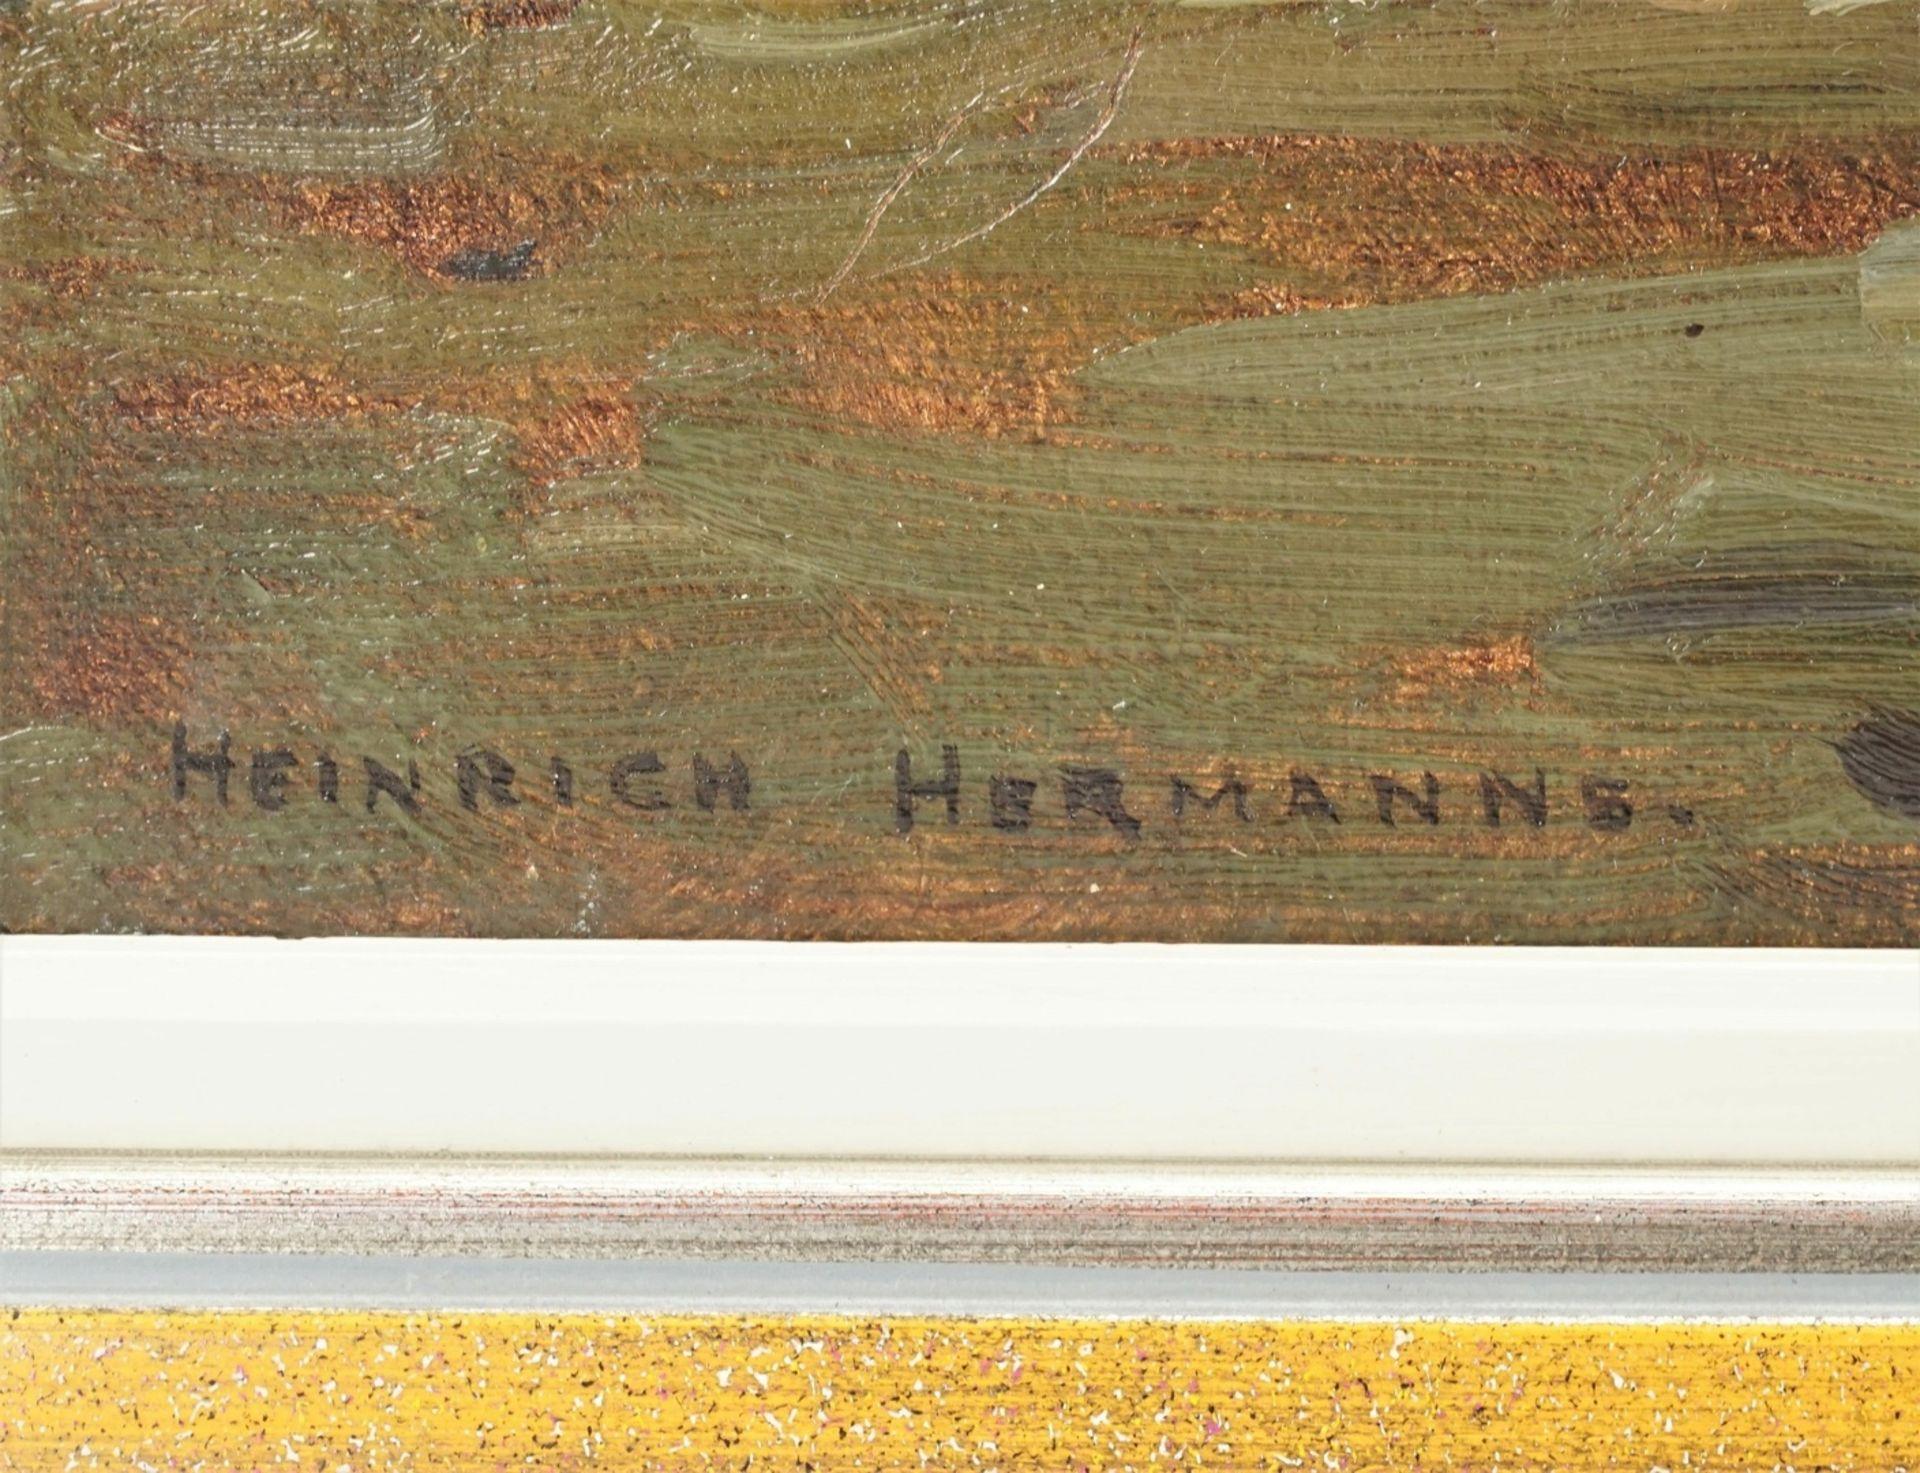 """Heinrich Hermanns, """"Fachwerkhof zwischen Bäumen"""" - Bild 4 aus 4"""